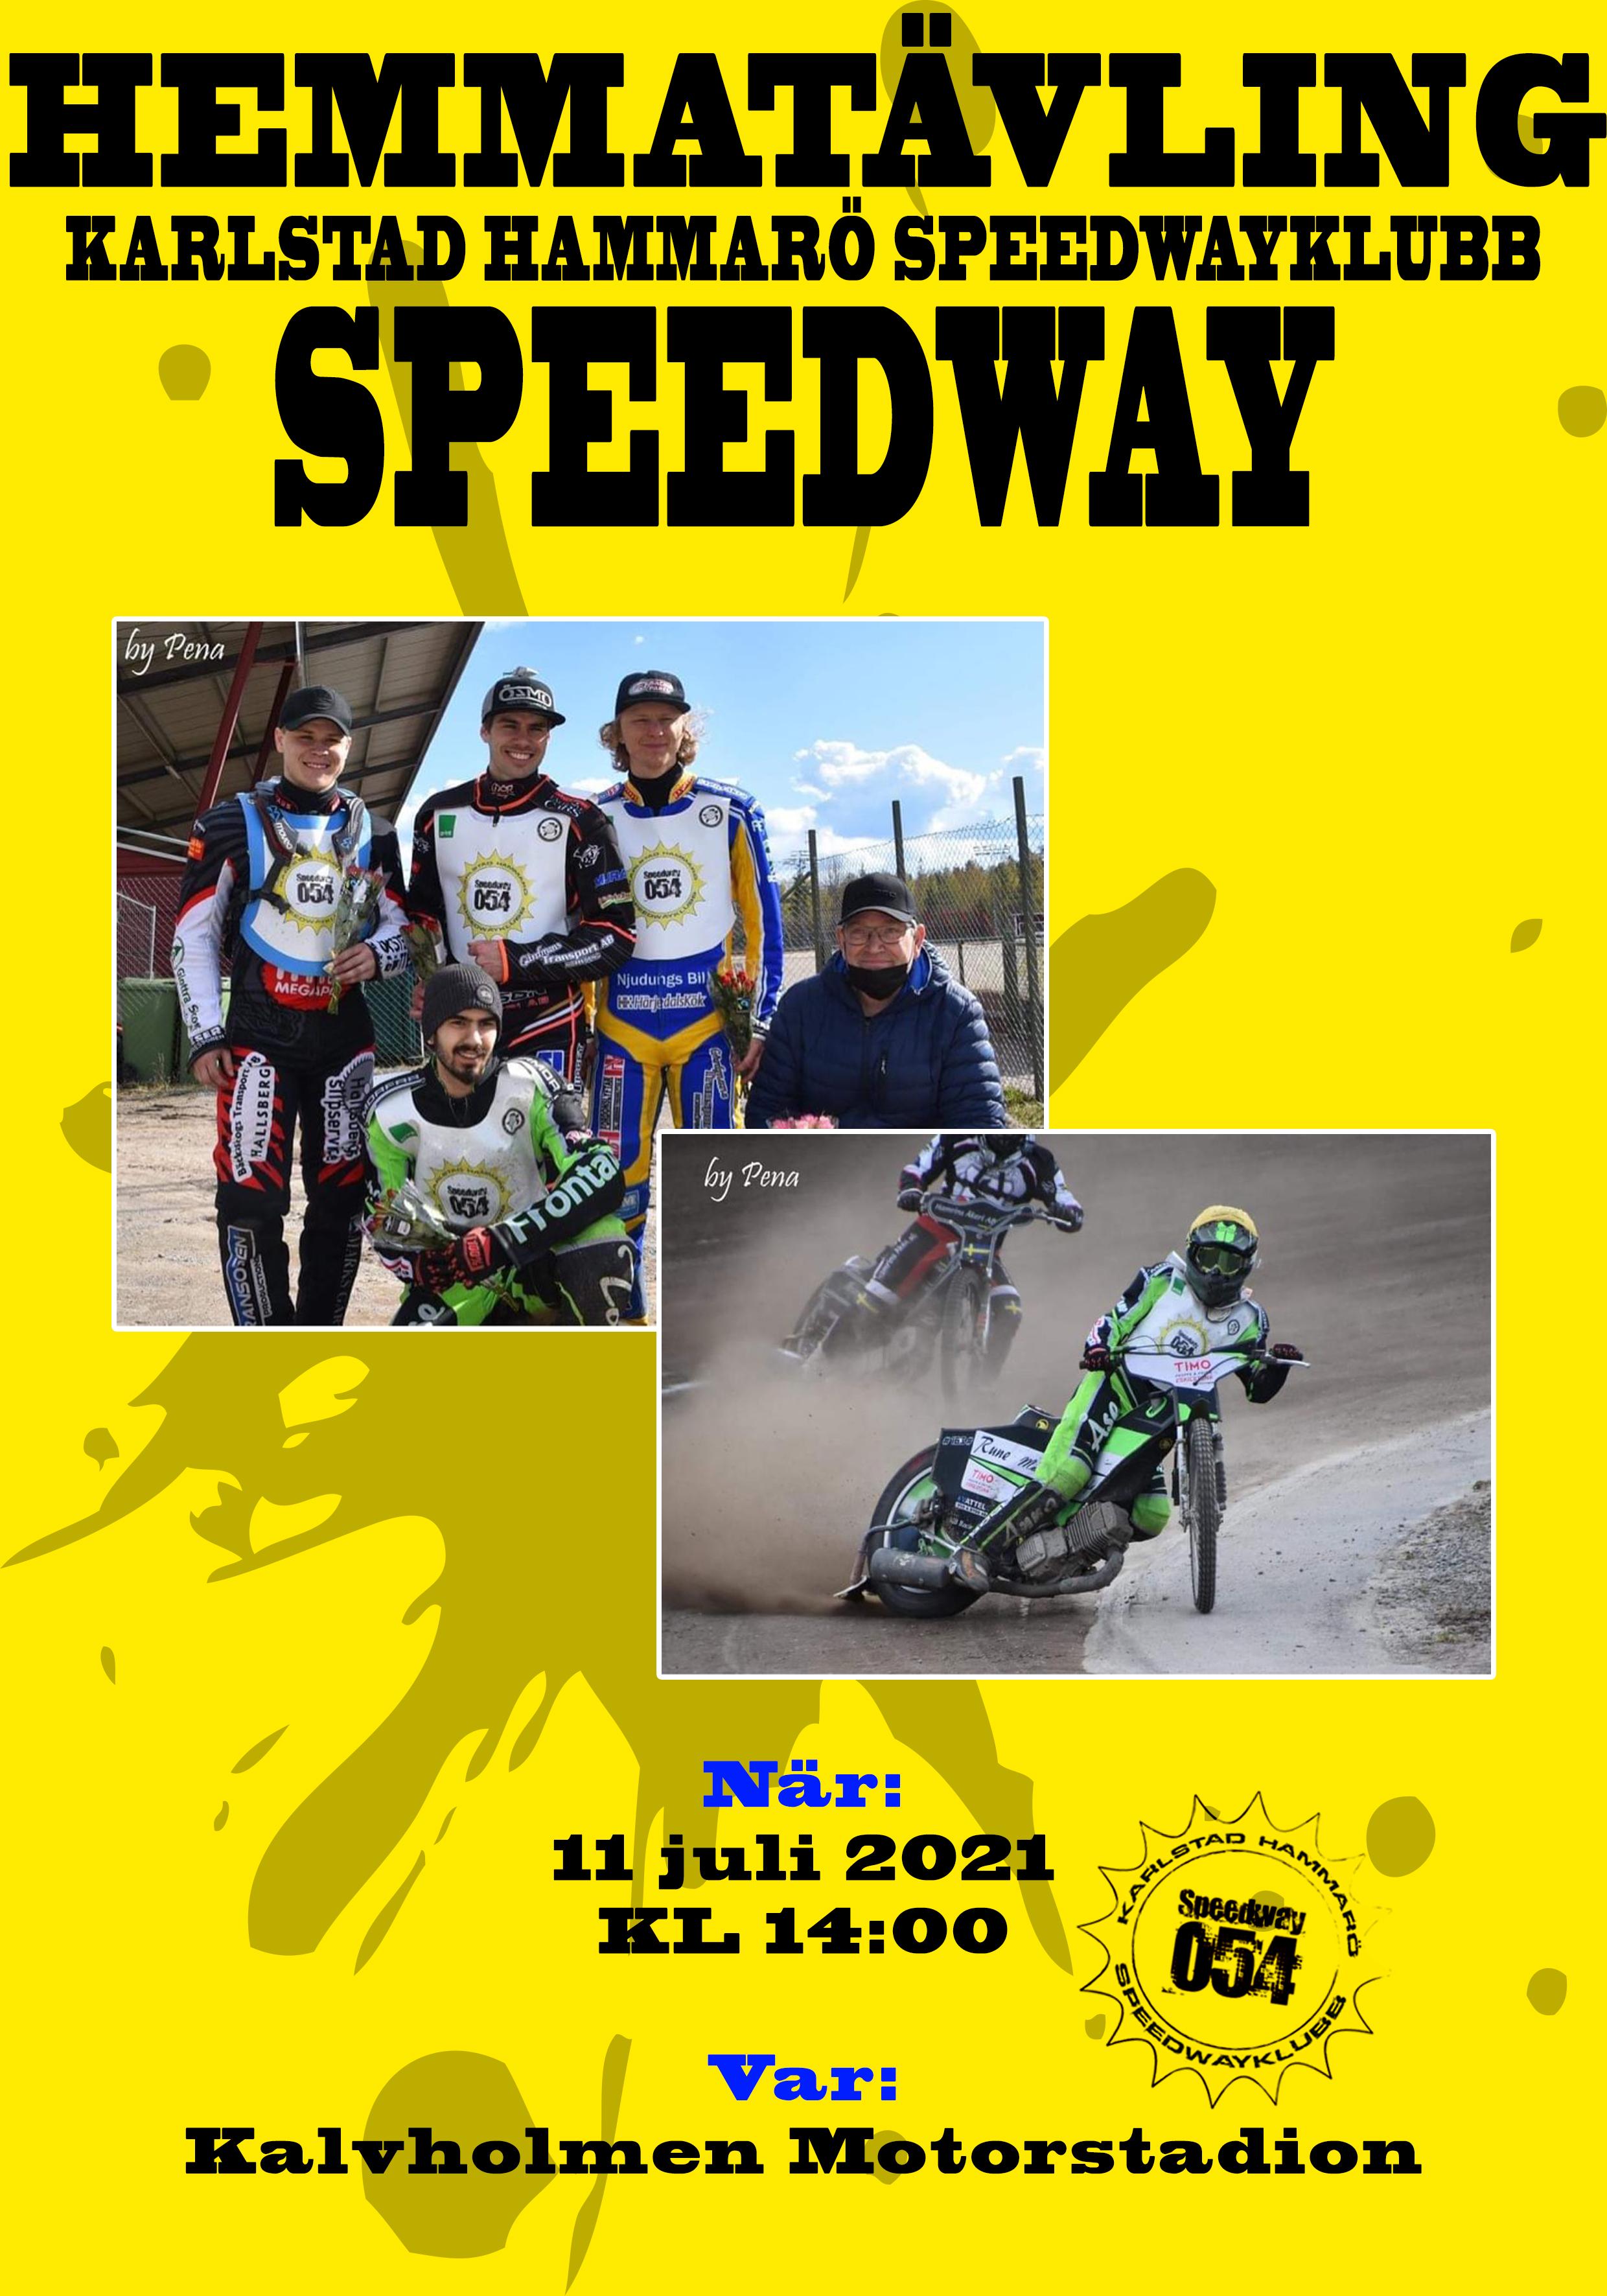 affisch Karlstad Hammaro speedway kopiera